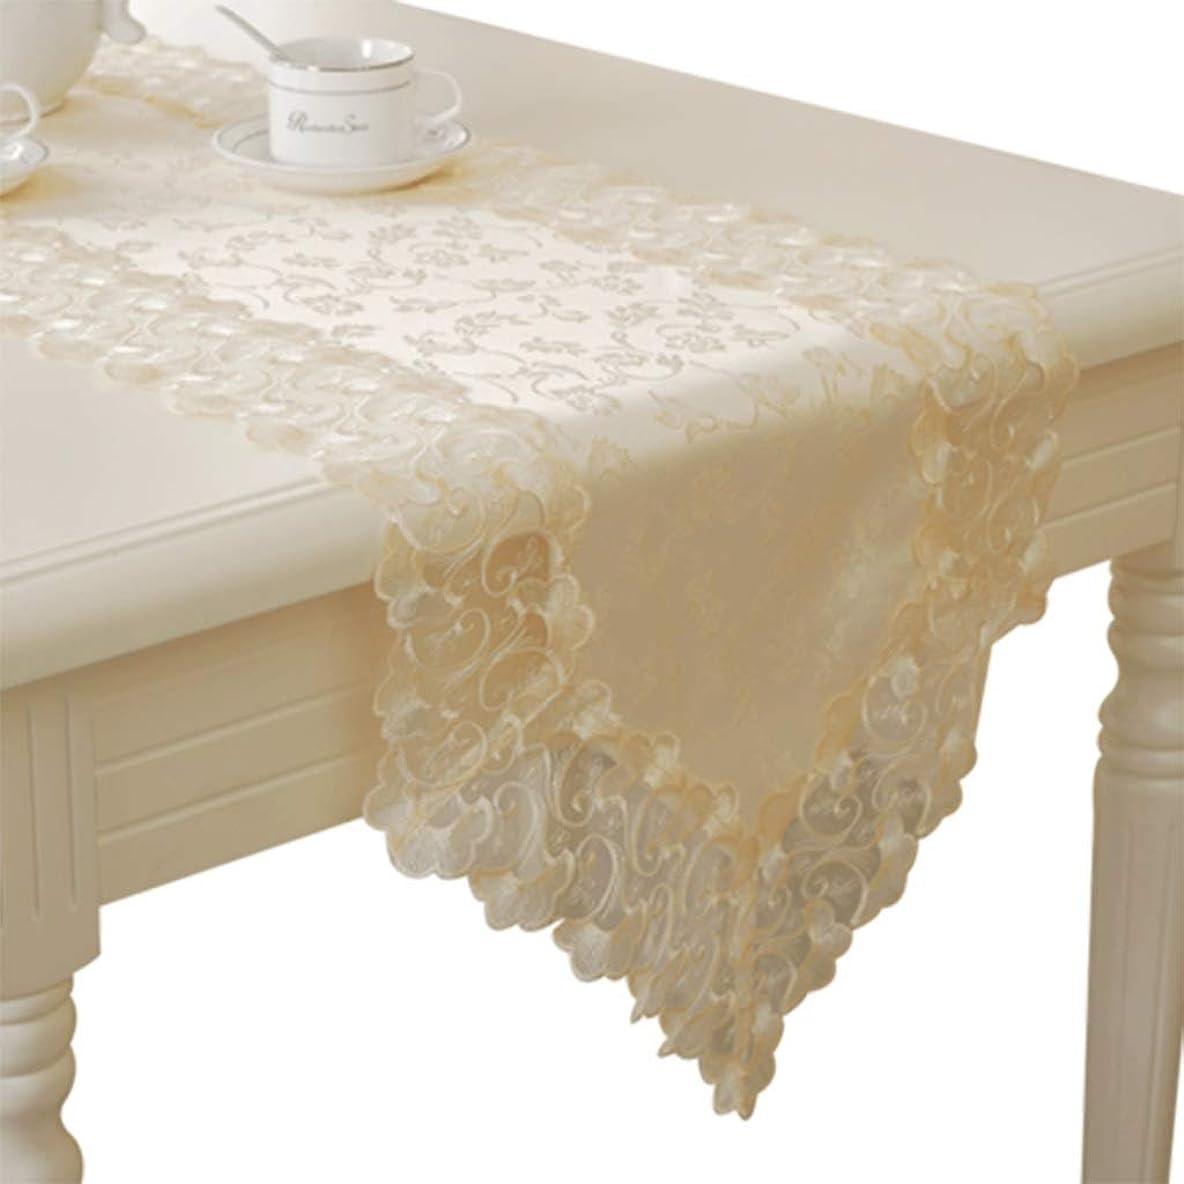 債権者文言かかわらずヴィンテージテーブルランナーシャンパンヨーロッパ透かし彫りレーステーブルランナー結婚式祭イベントテーブルデコレーションクリーム色 (Size : 40*250cm)